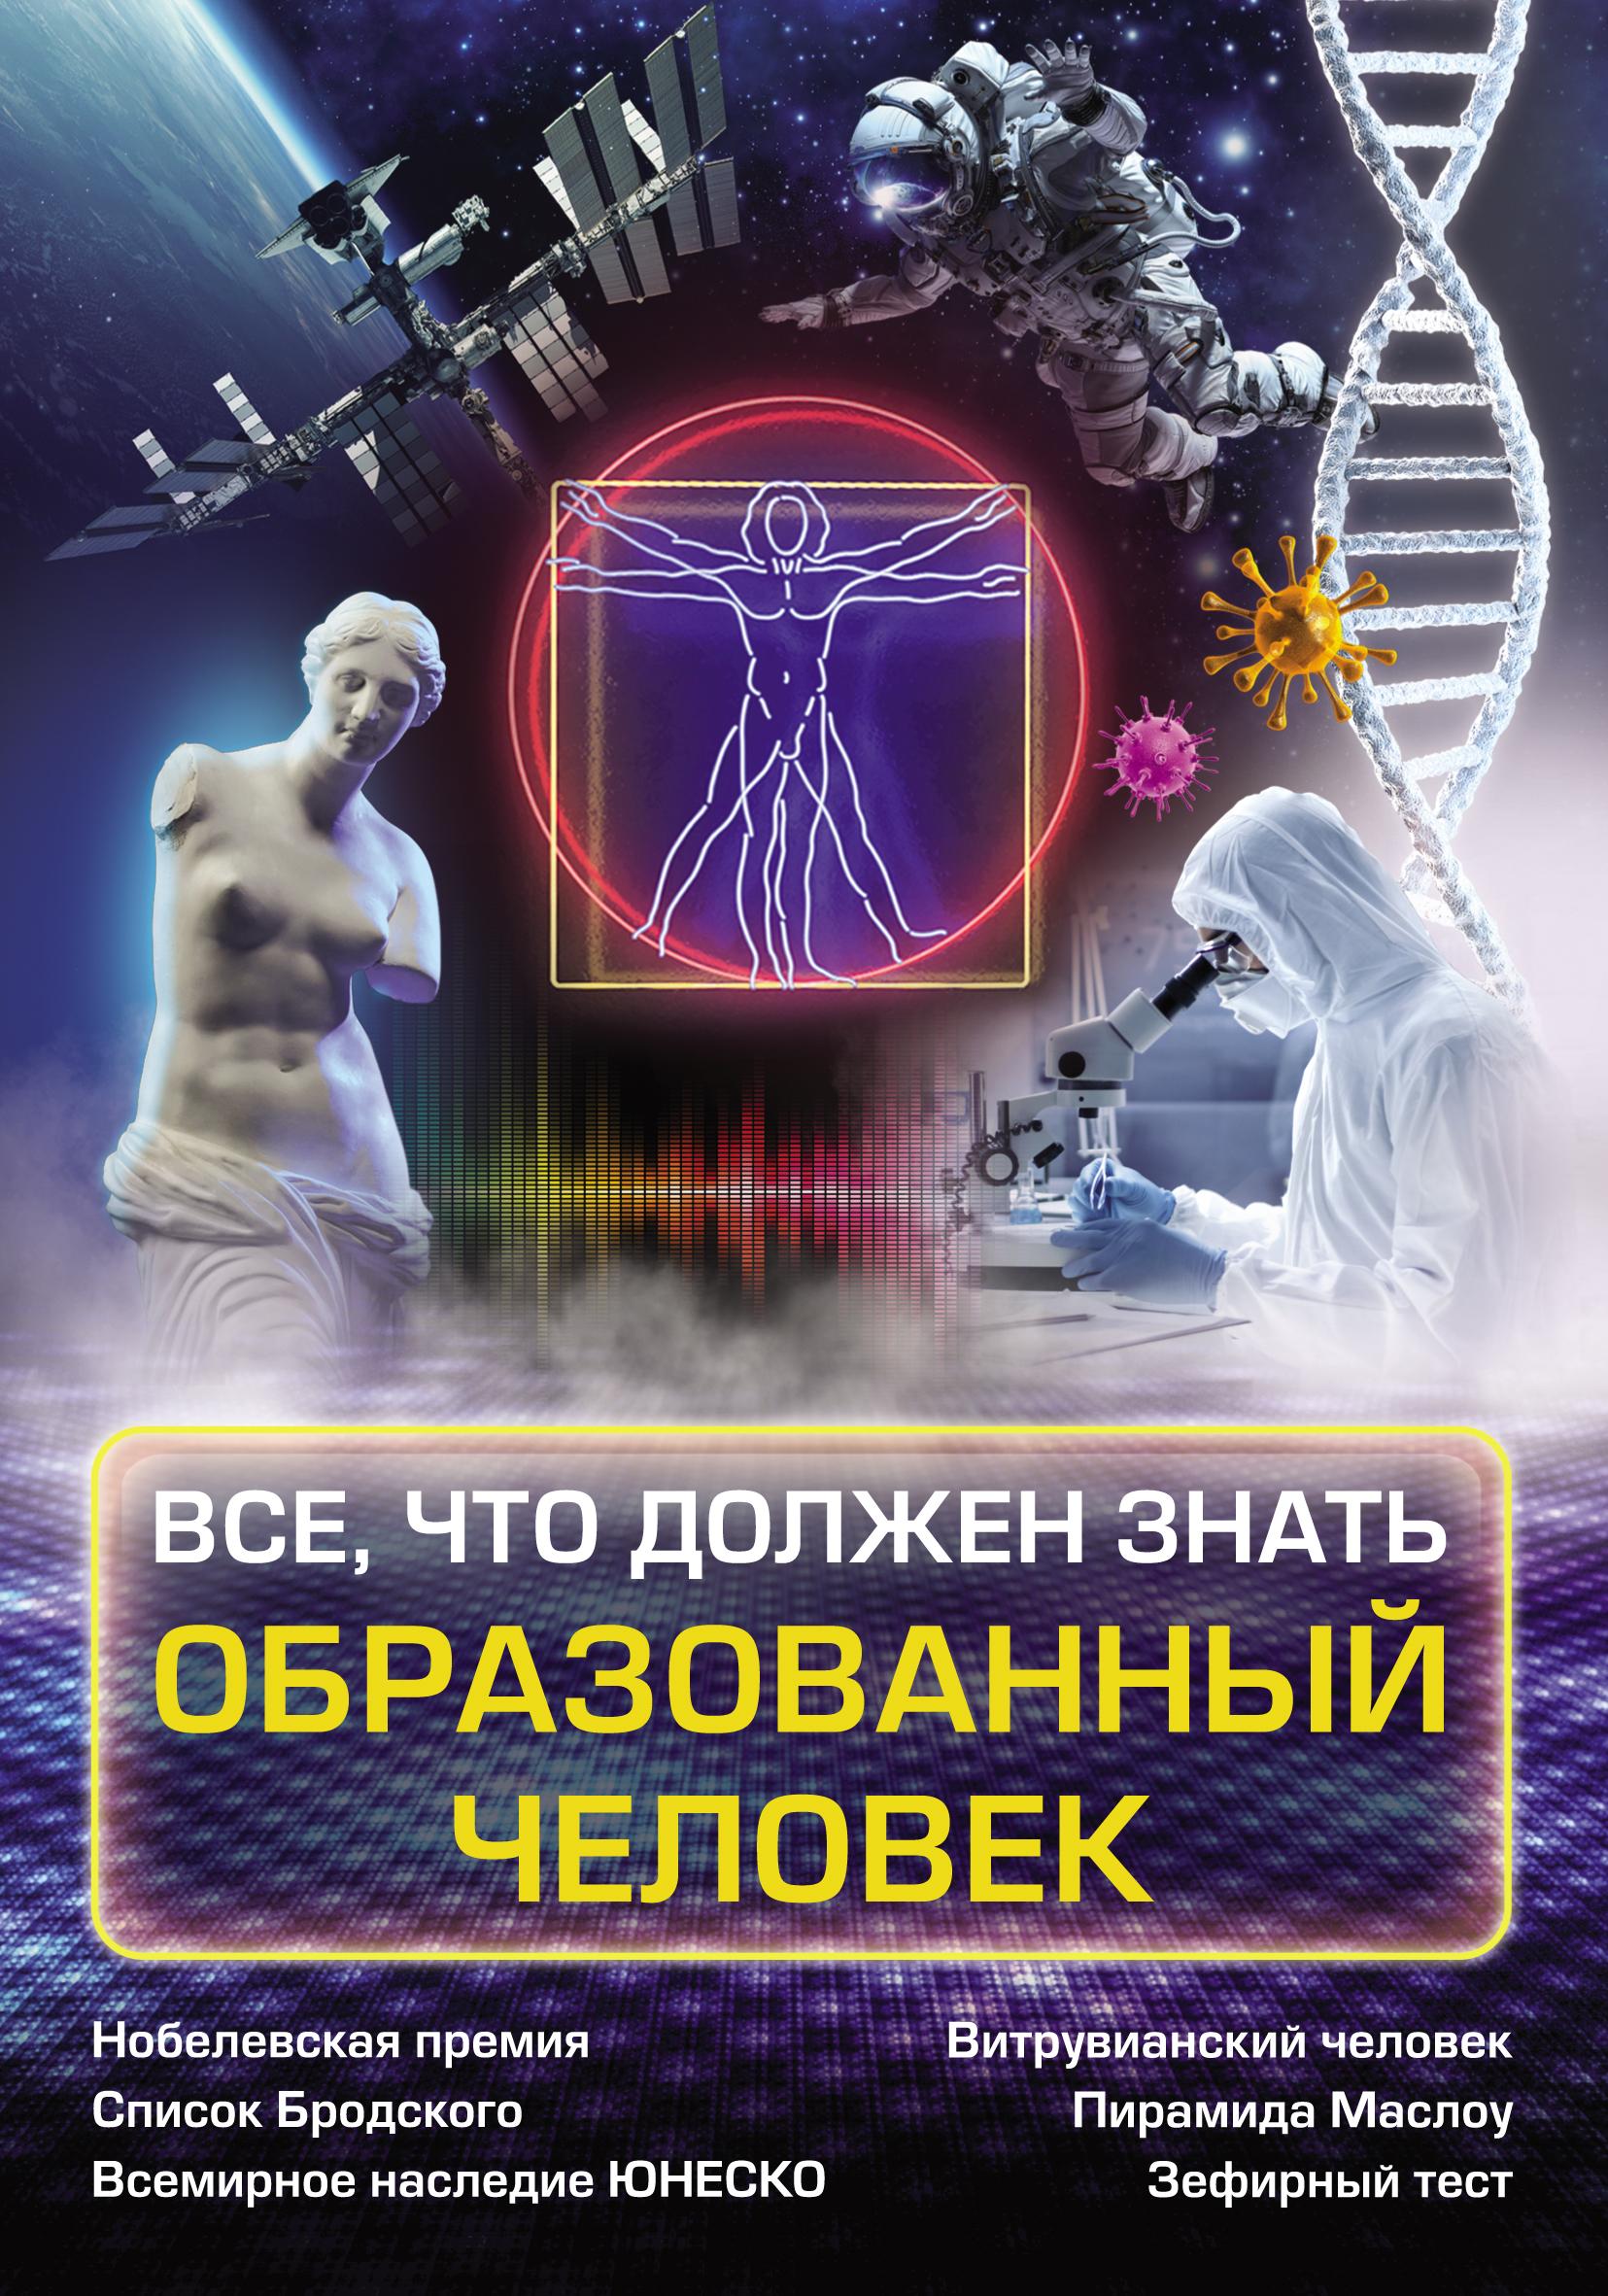 Купить книгу Все, что должен знать образованный человек, автора И. В. Блохиной